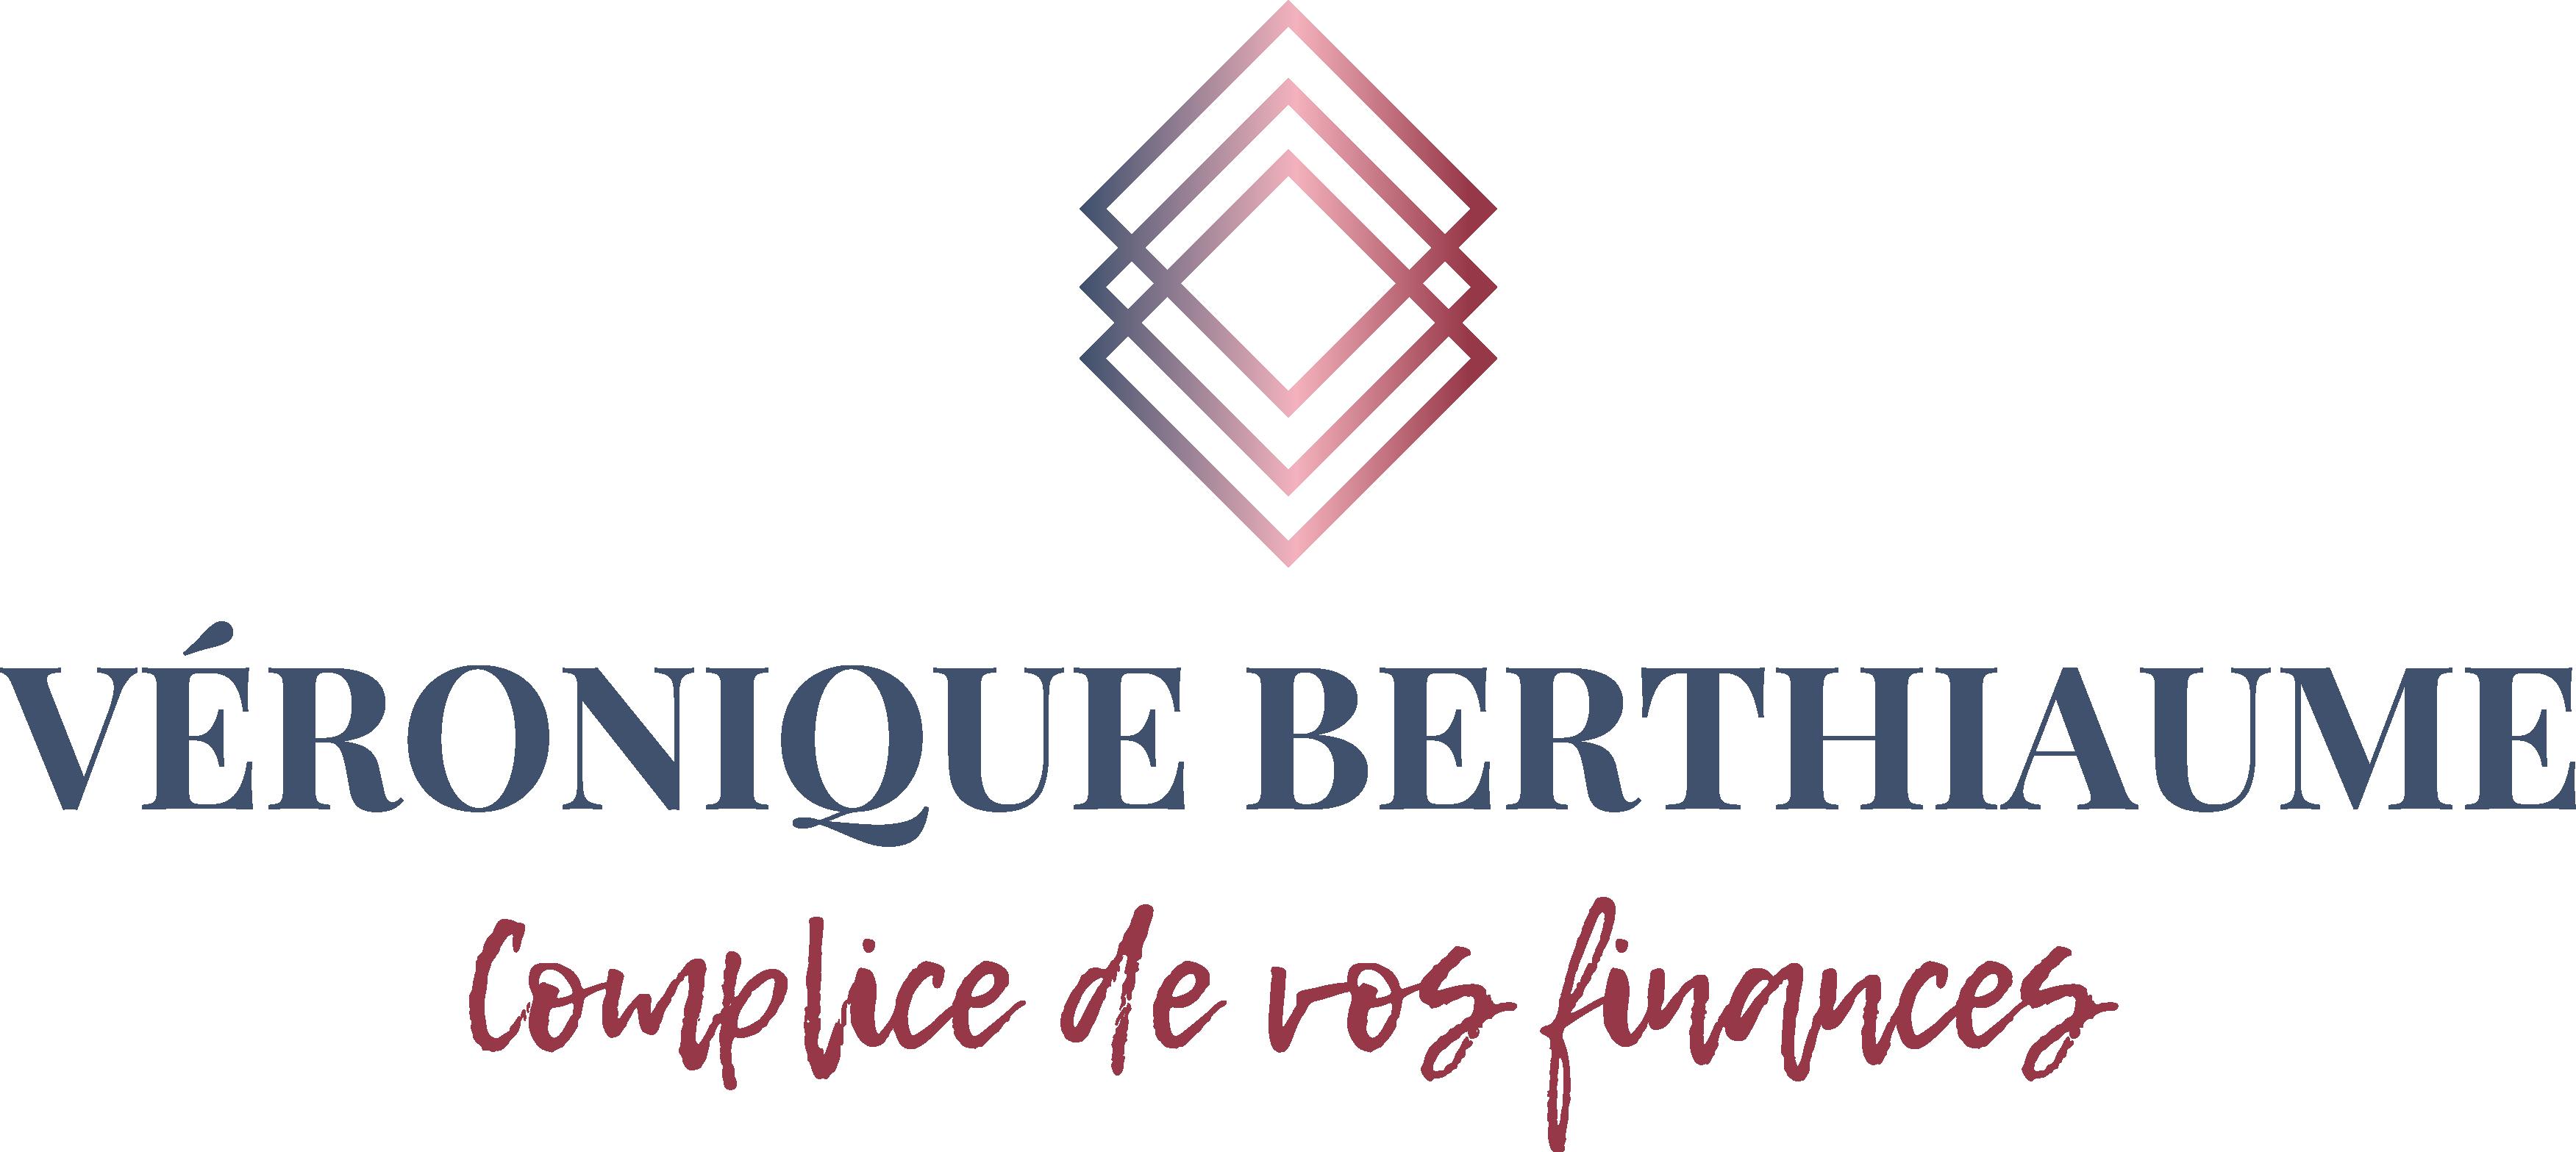 Veronique Berthiaume